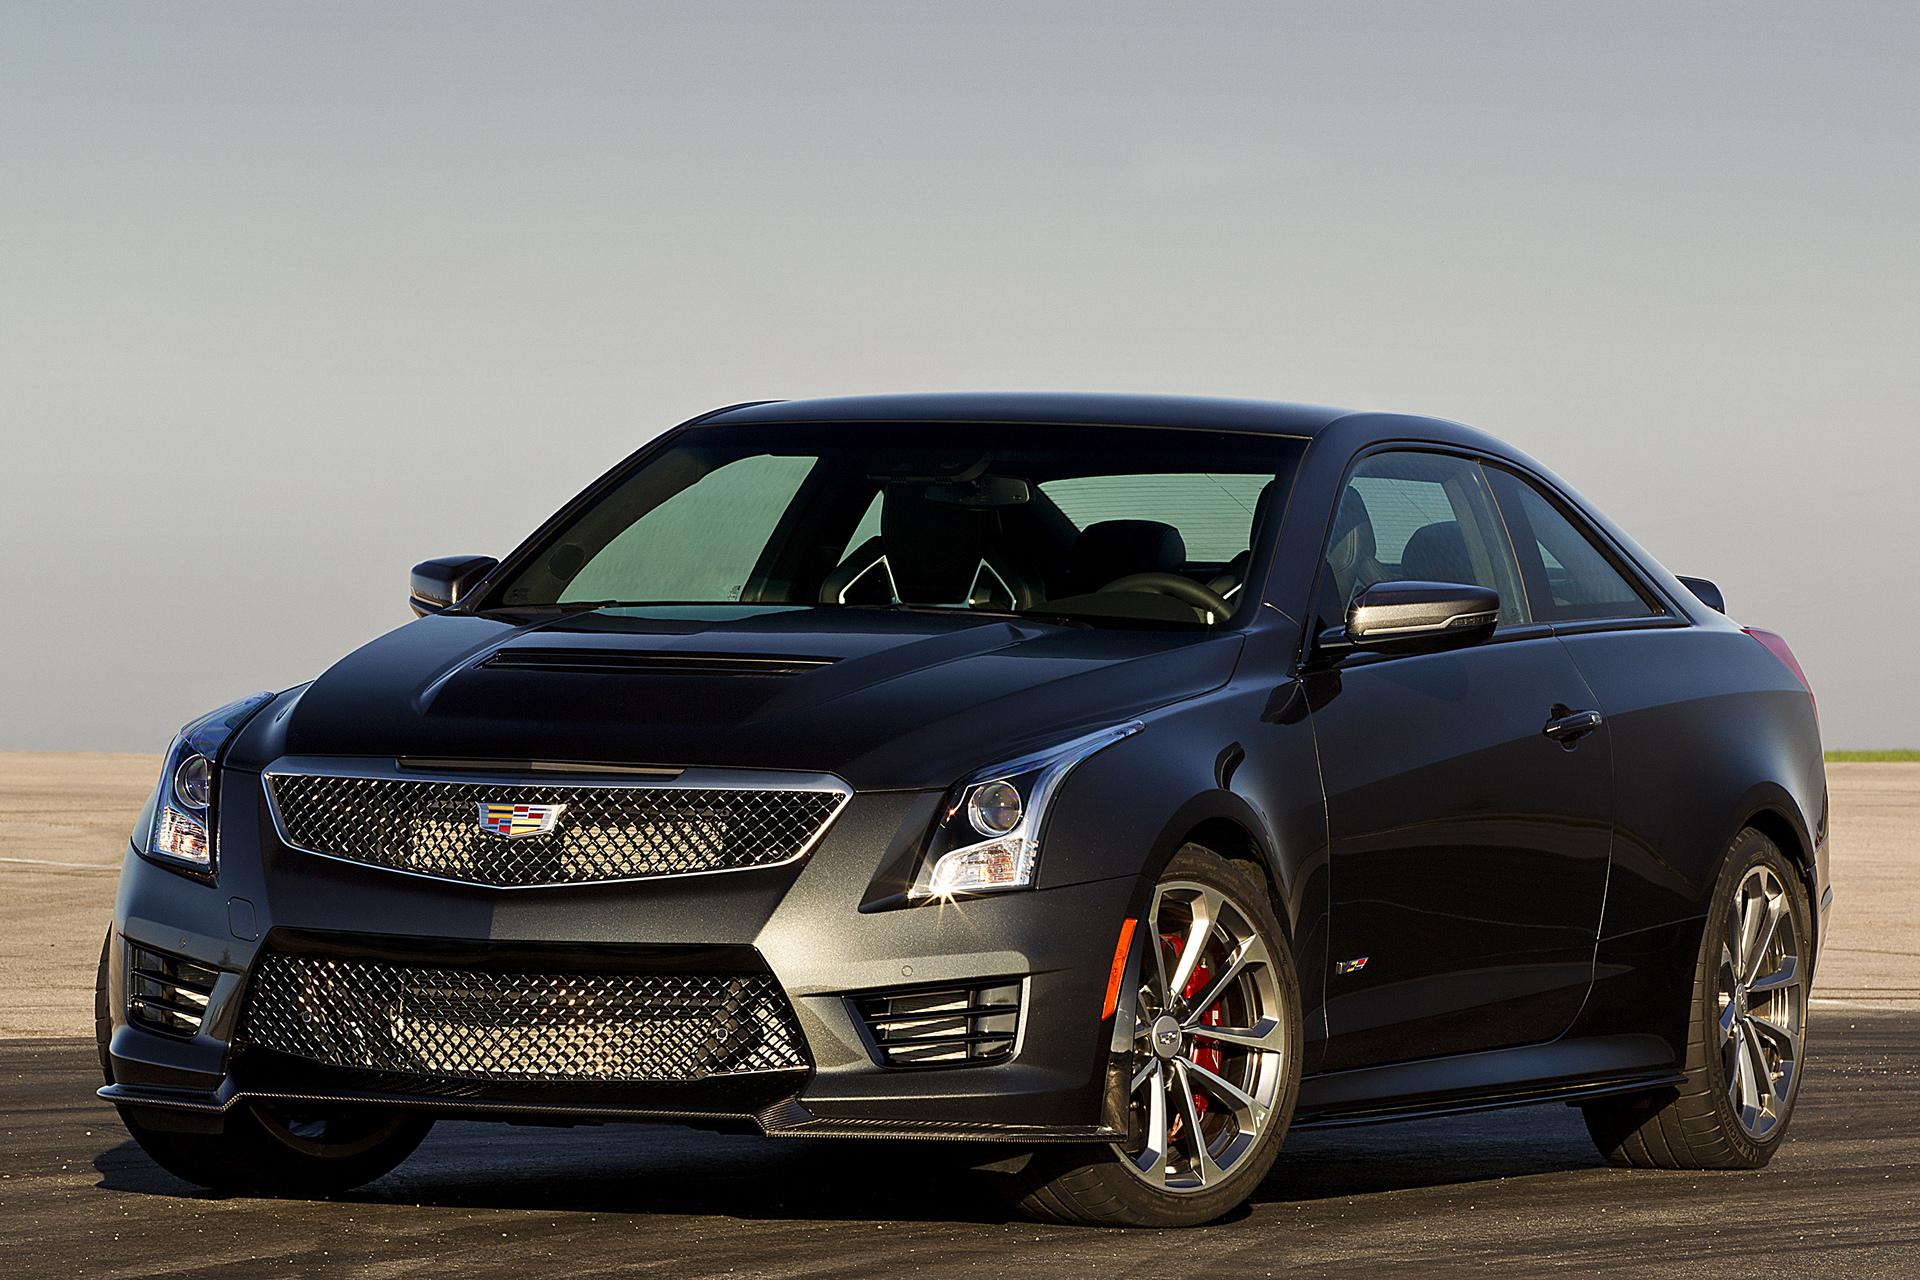 2016 Cadillac ATS-V Coupe © General Motors